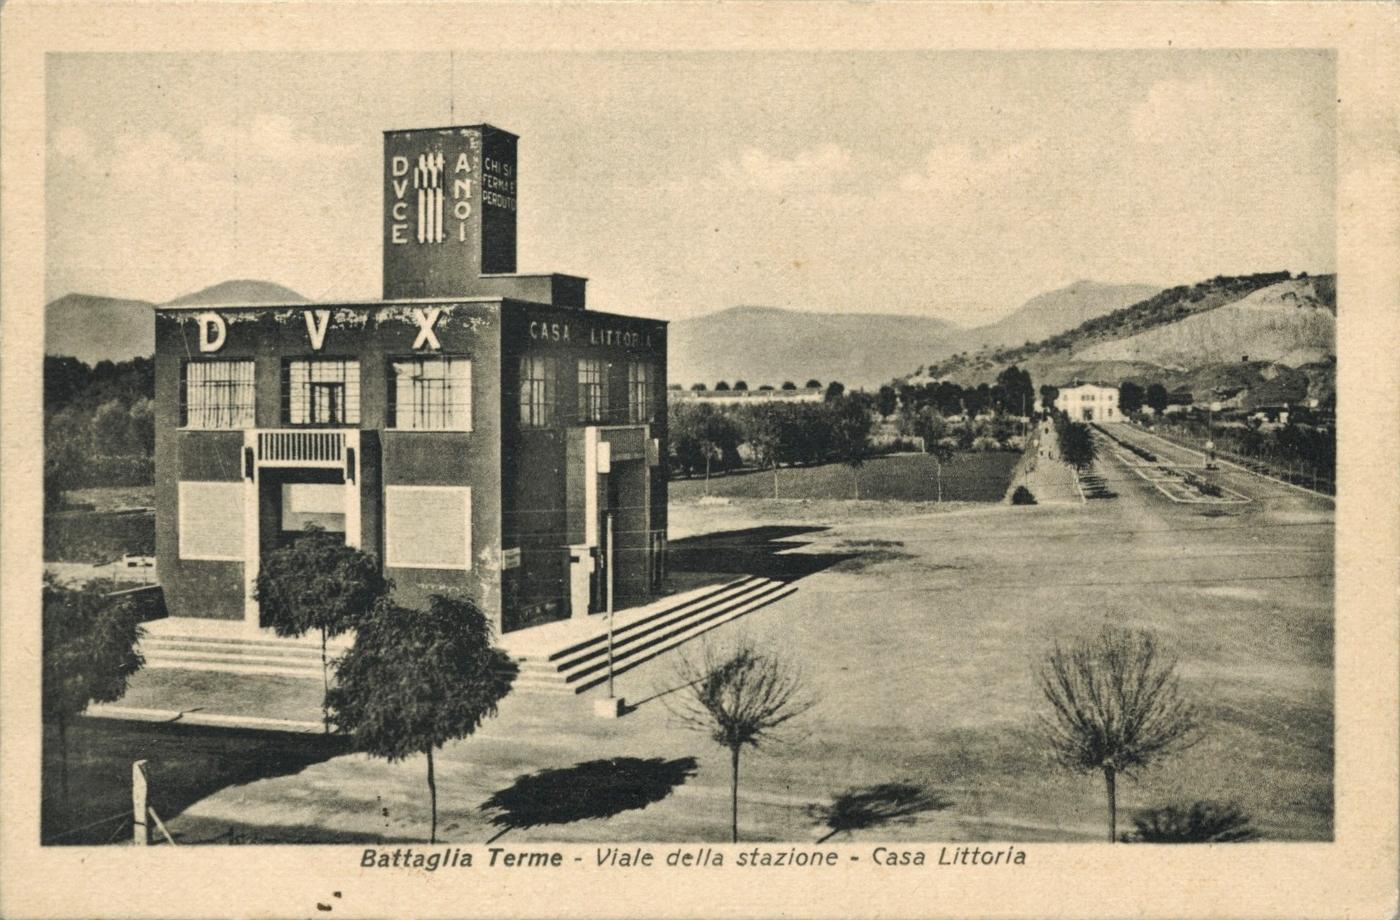 Battaglia Terme, la Casa littoria e il Viale della stazione in una cartolina del 1940.